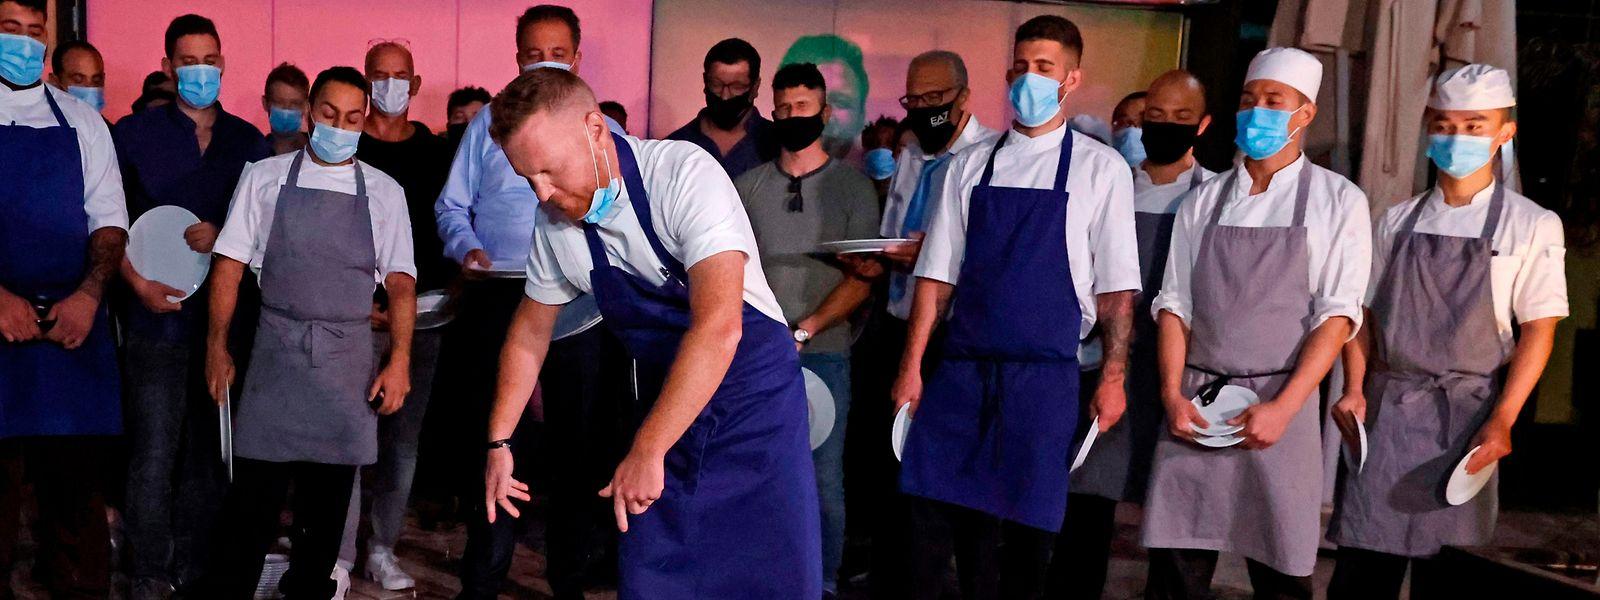 De nombreux restaurateurs ont protesté contre le nouveau lockdown imposé par les autorités israéliennes.